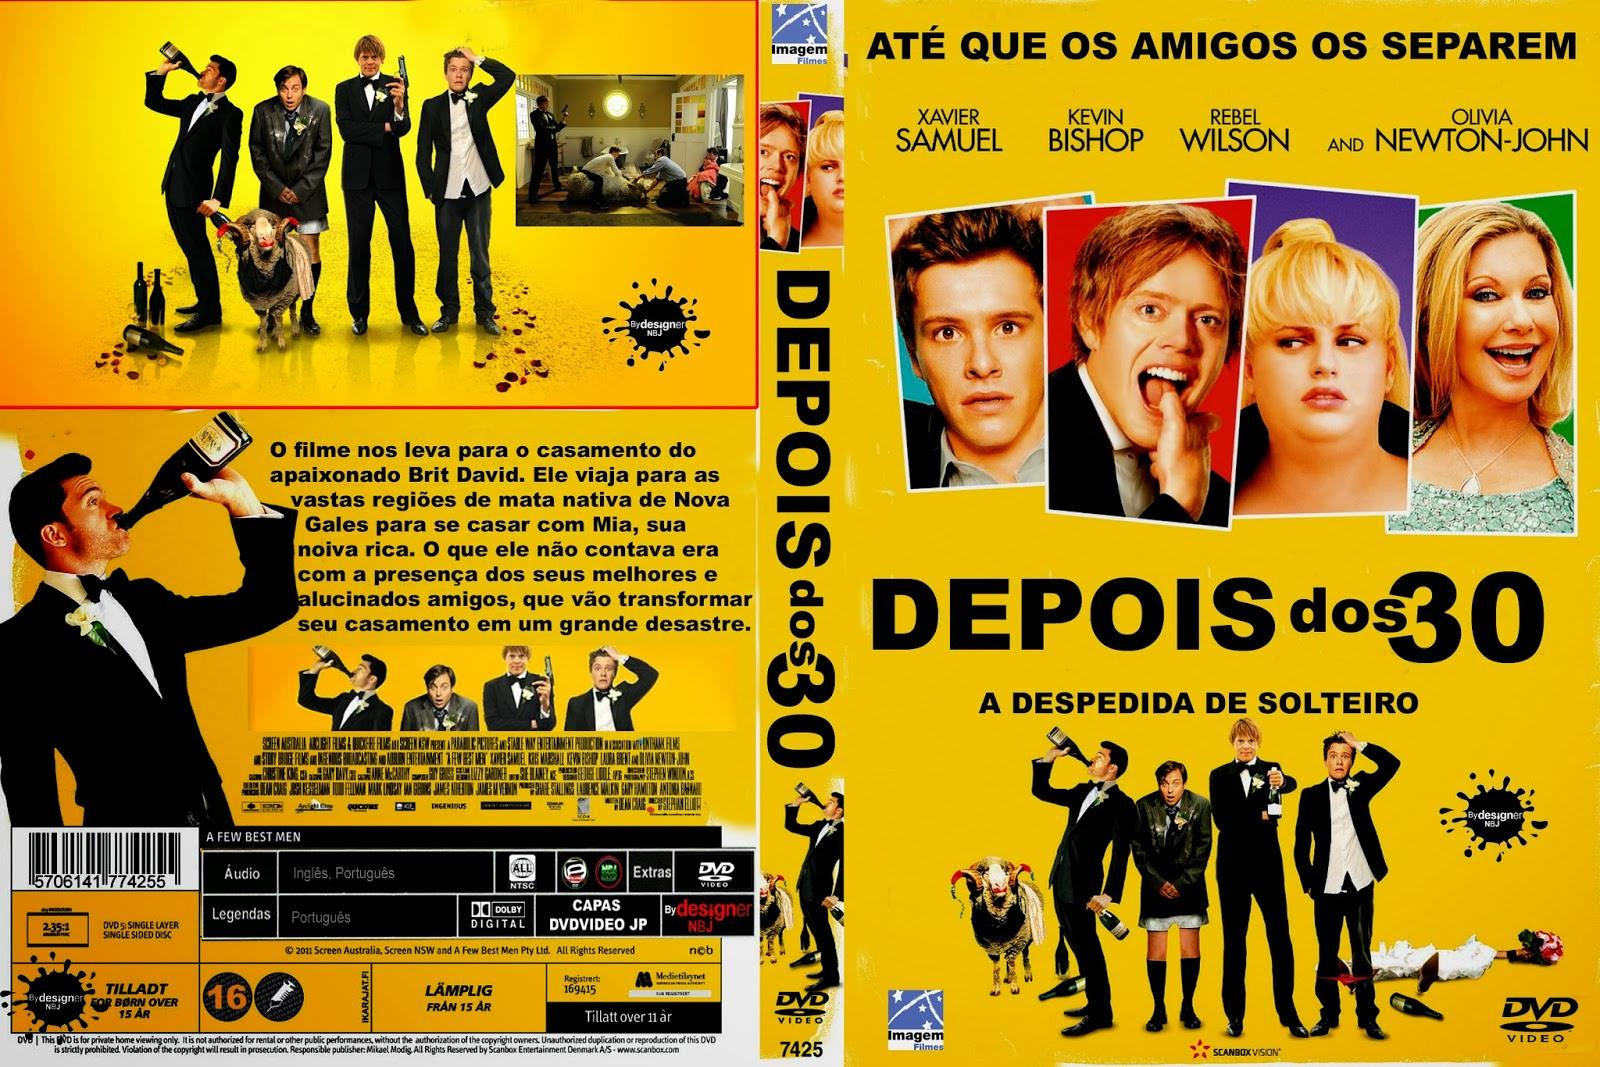 CAPAS DVD VIDEO JP: DEPOIS DOS 30